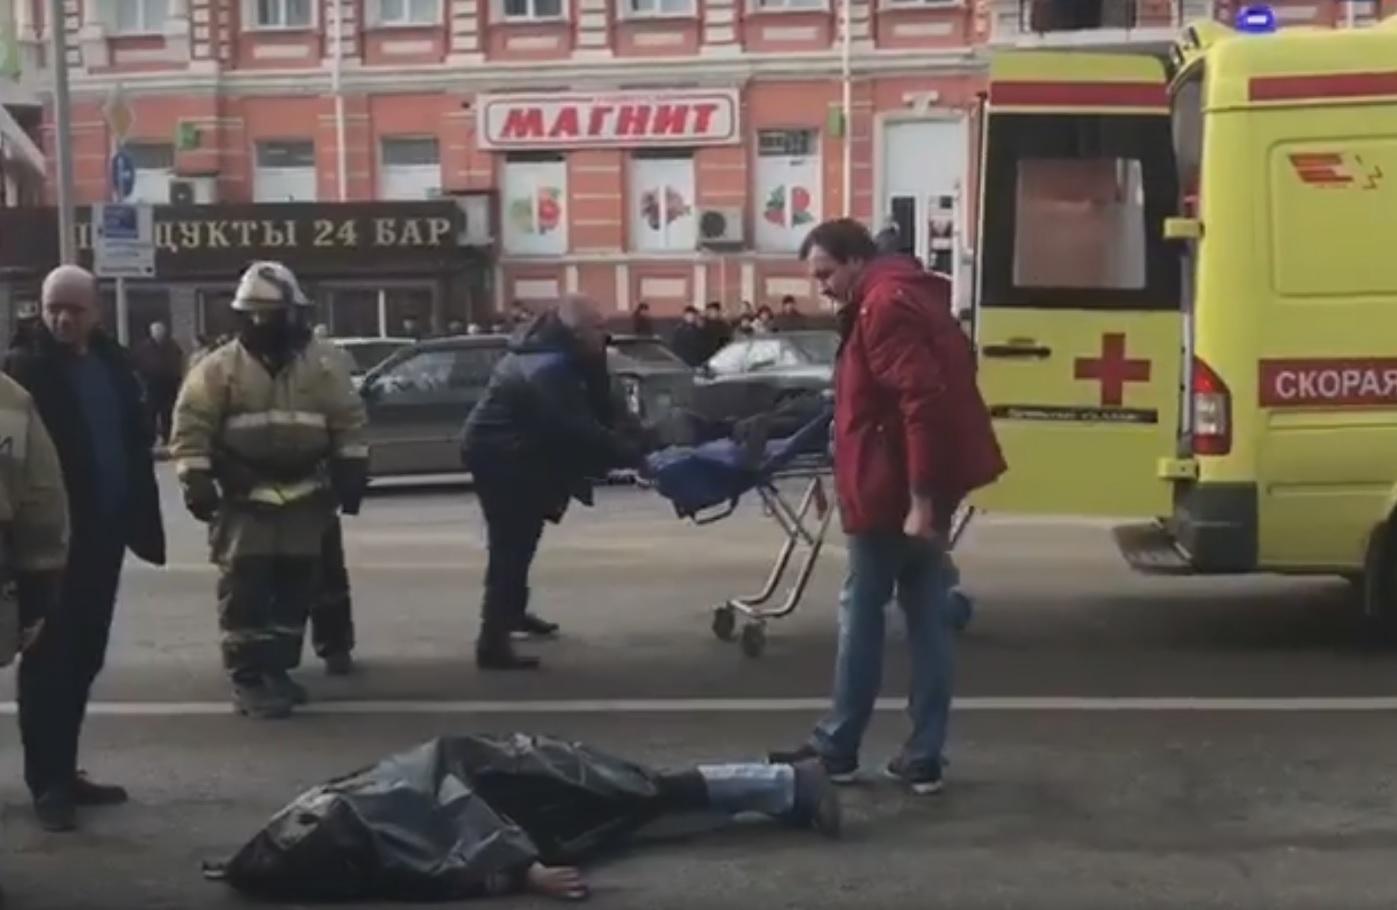 ВРостове бетономешалка сбила 2-х  пешеходов: один человек умер